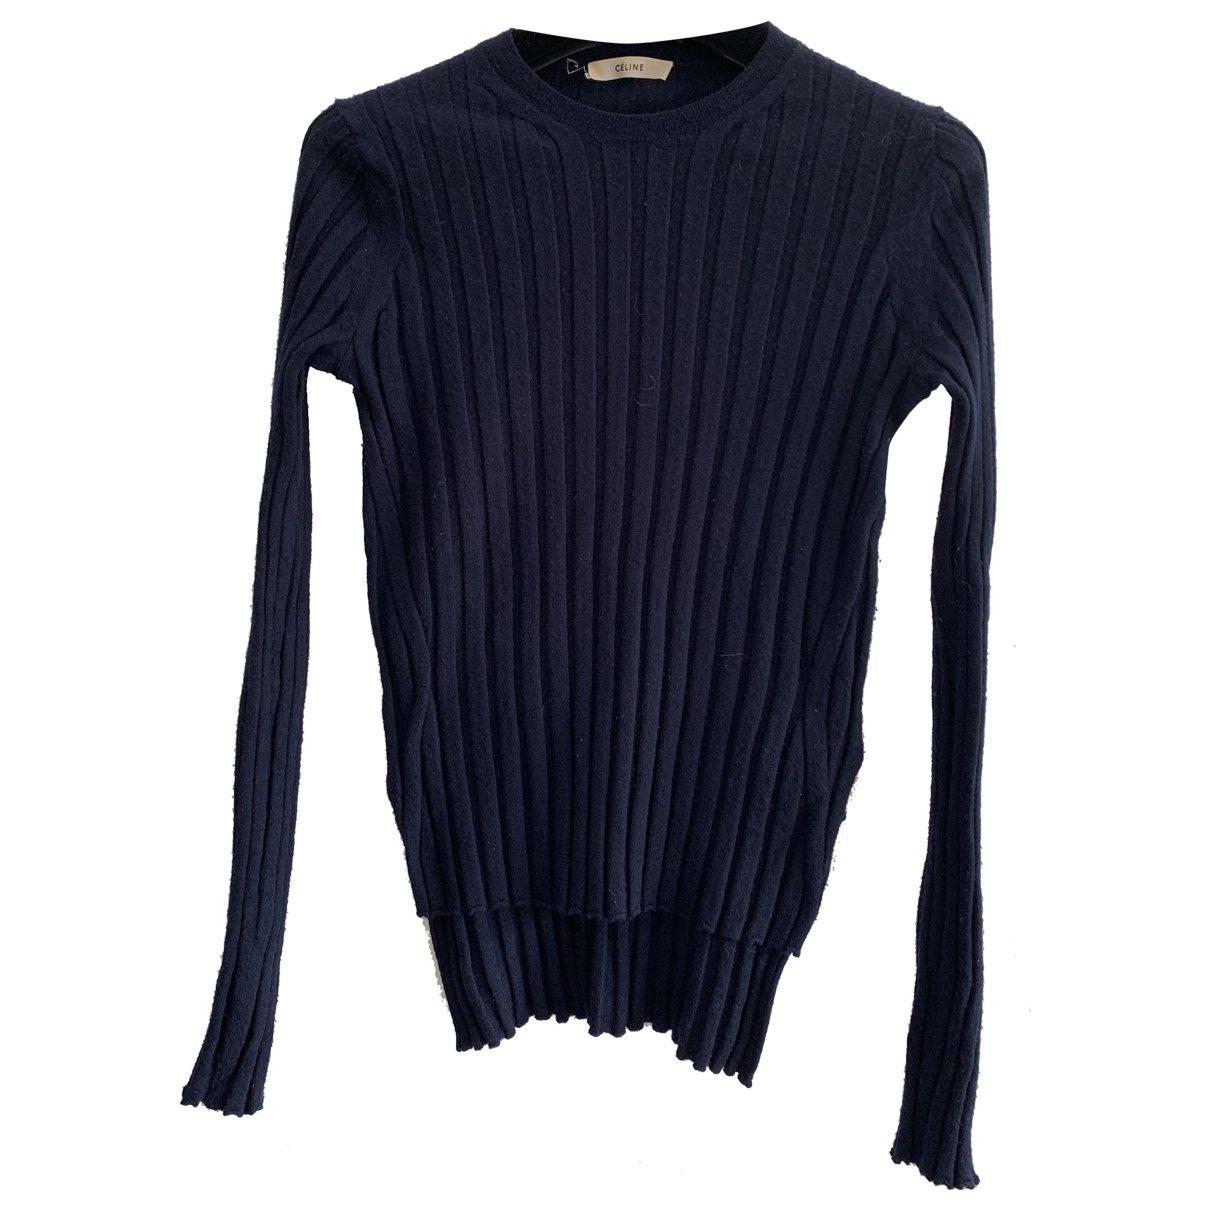 Celine \N Navy Wool Knitwear for Women XS International